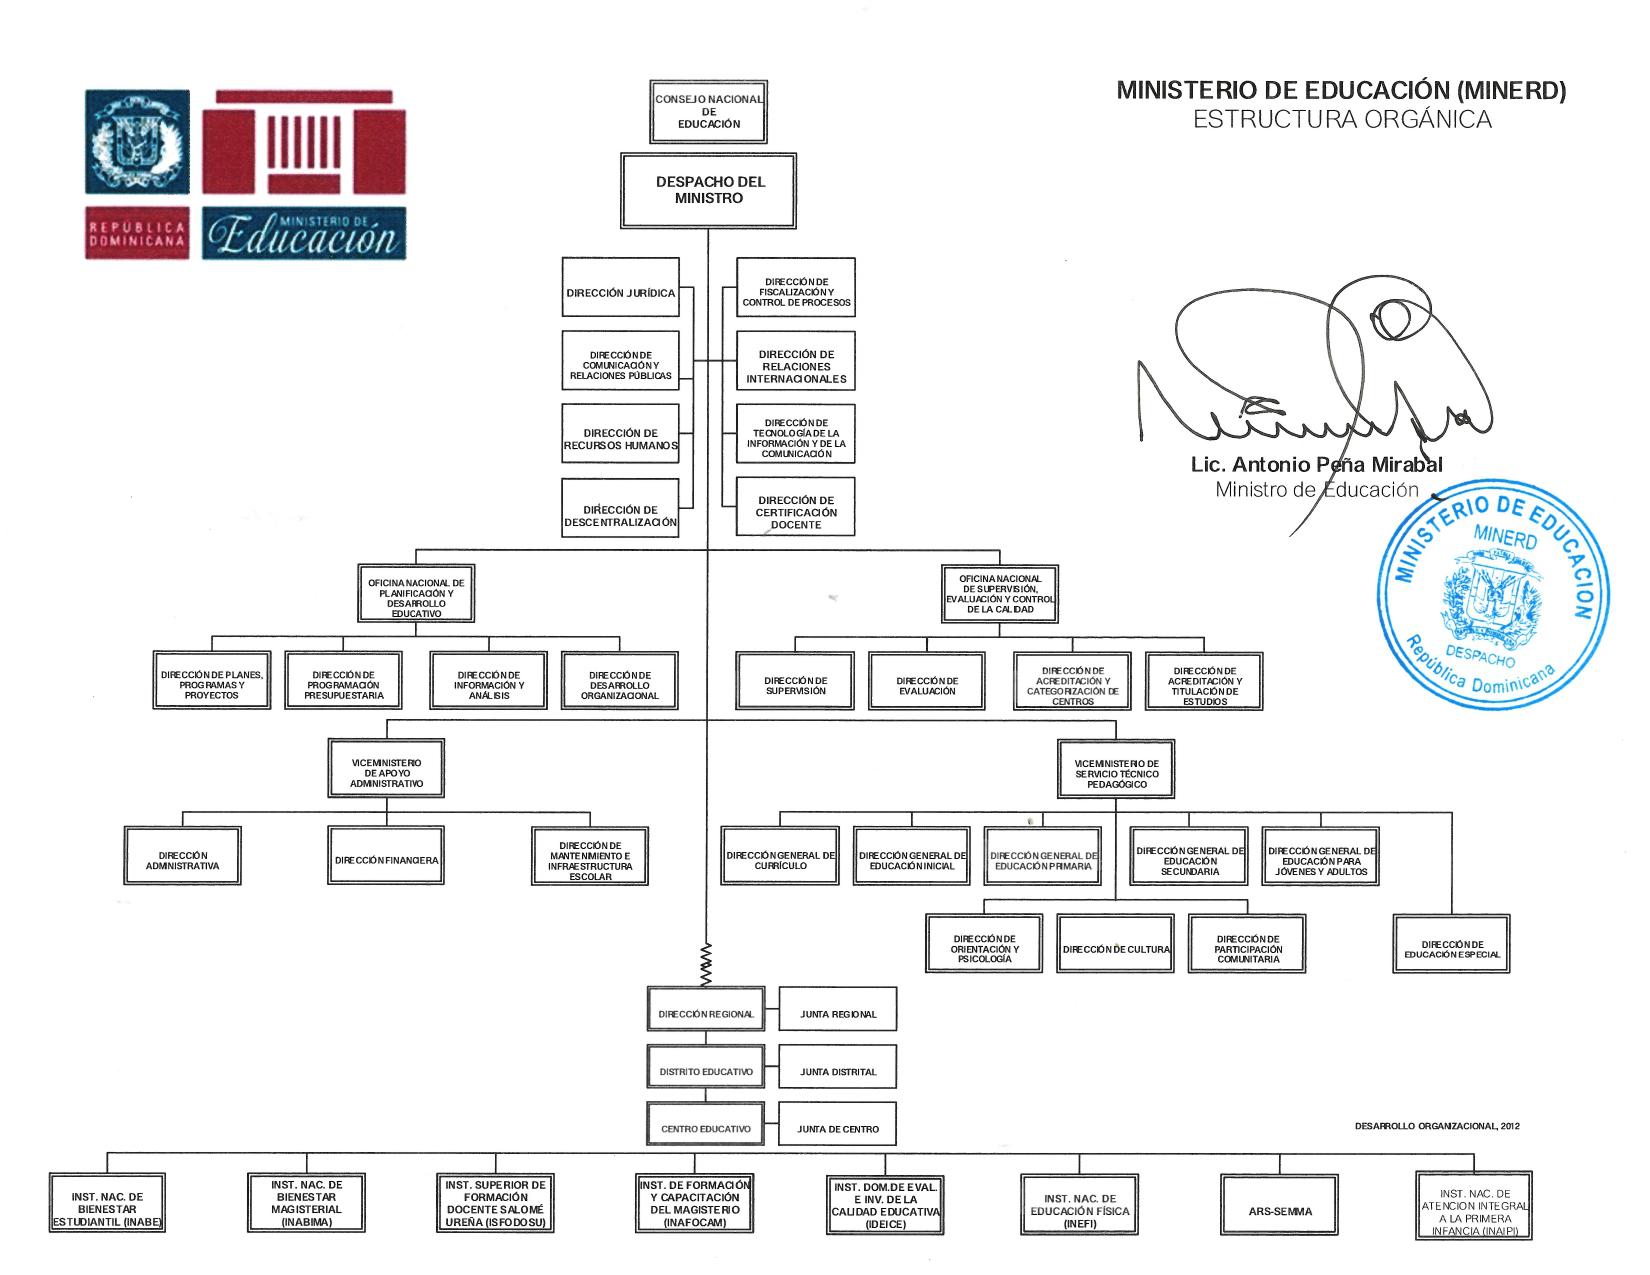 Organigrama Ministerio De Educación De La República Dominicana